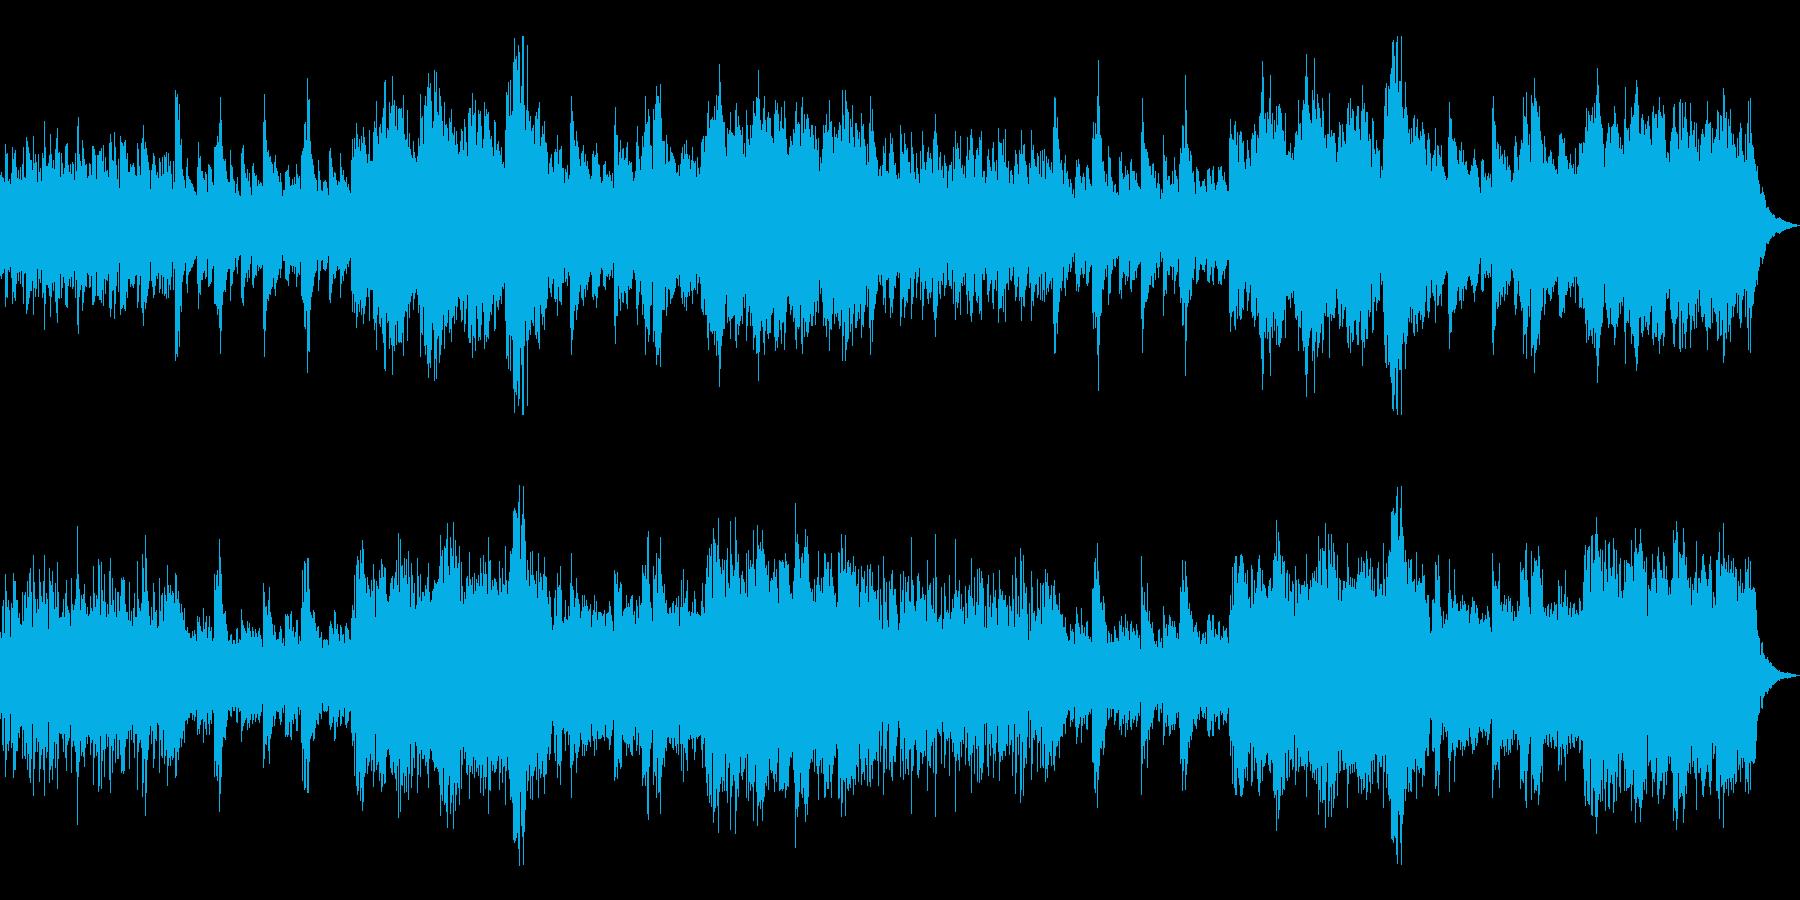 静かな緊迫/モダンな和風曲9A-ピアノ他の再生済みの波形